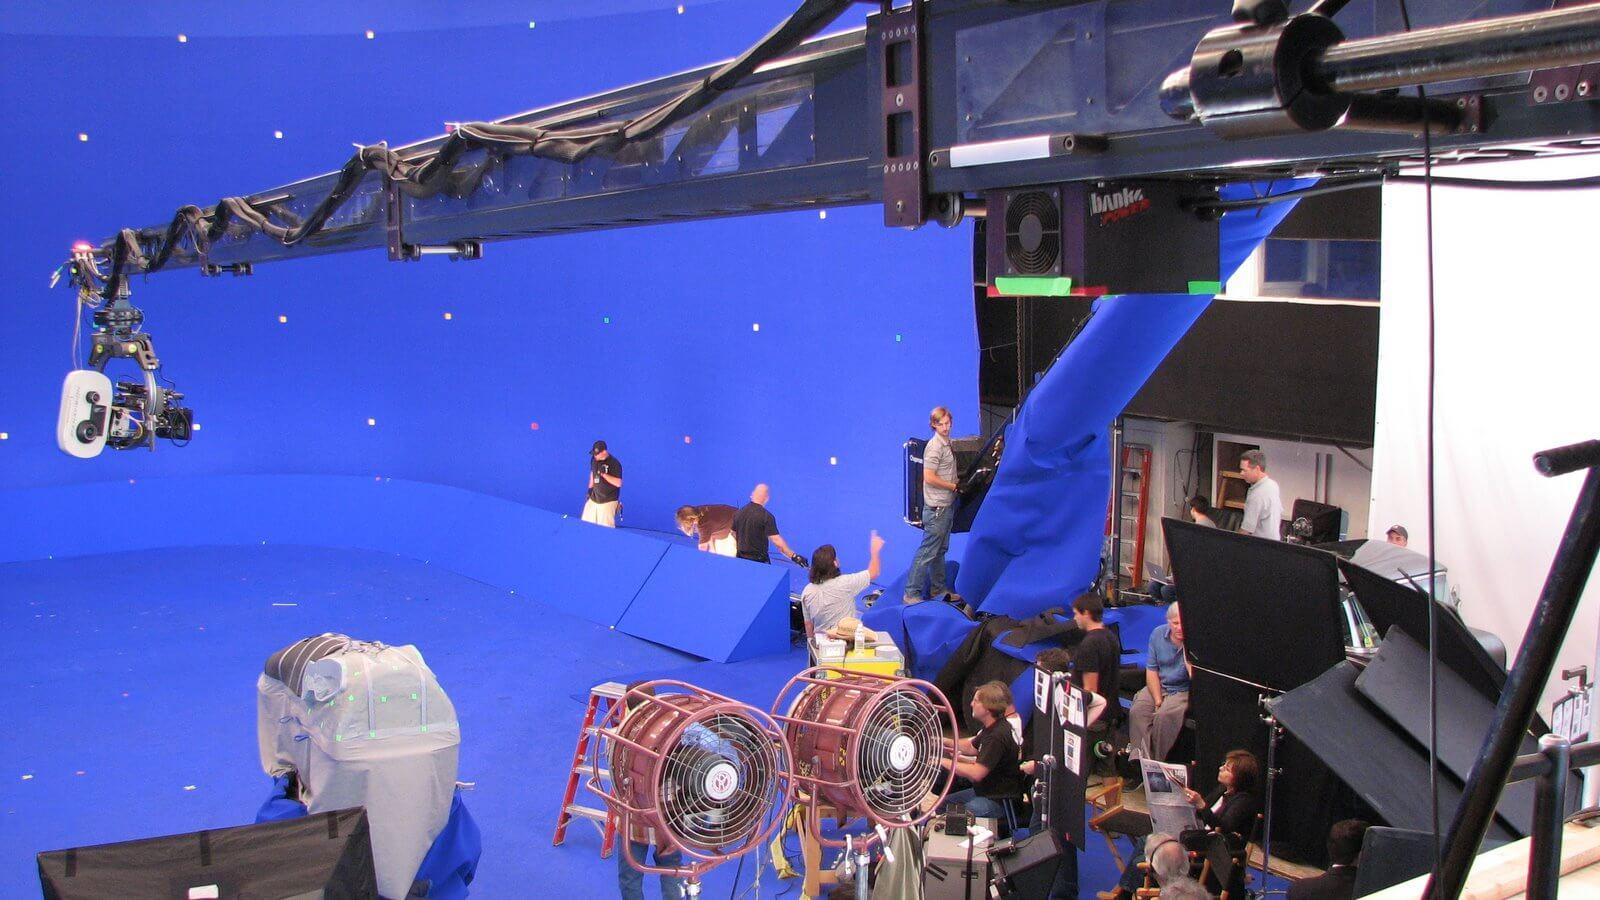 Bluescreen-Technik in Film und Fernsehen